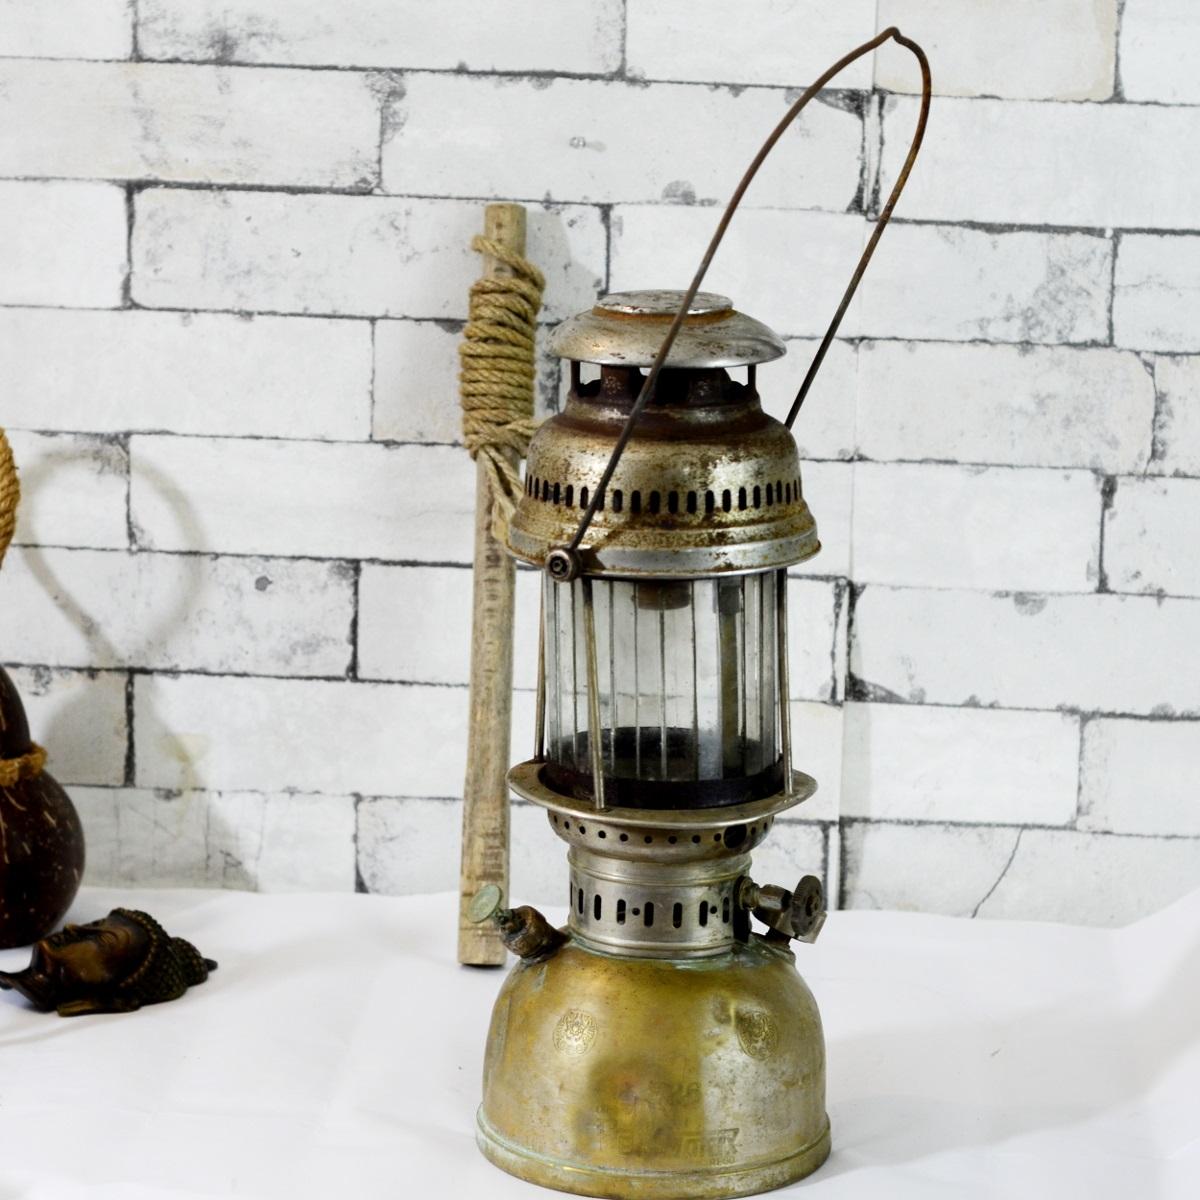 antikcart antique original petromax hurricane lamp antique lamp petromax - Antique Lamp